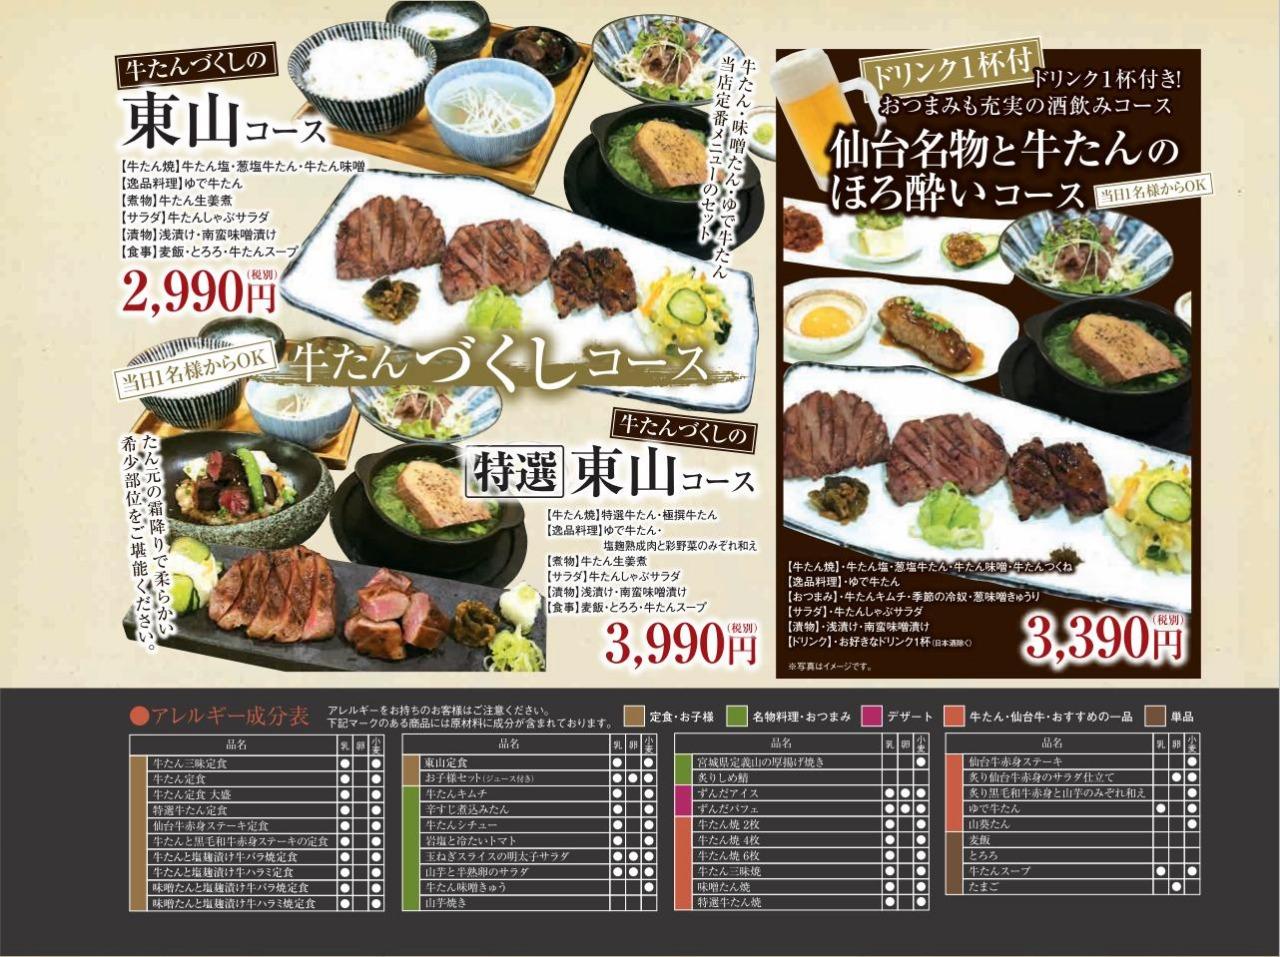 店舗メニュー 炭焼牛たん東山 ekie広島店メニュー